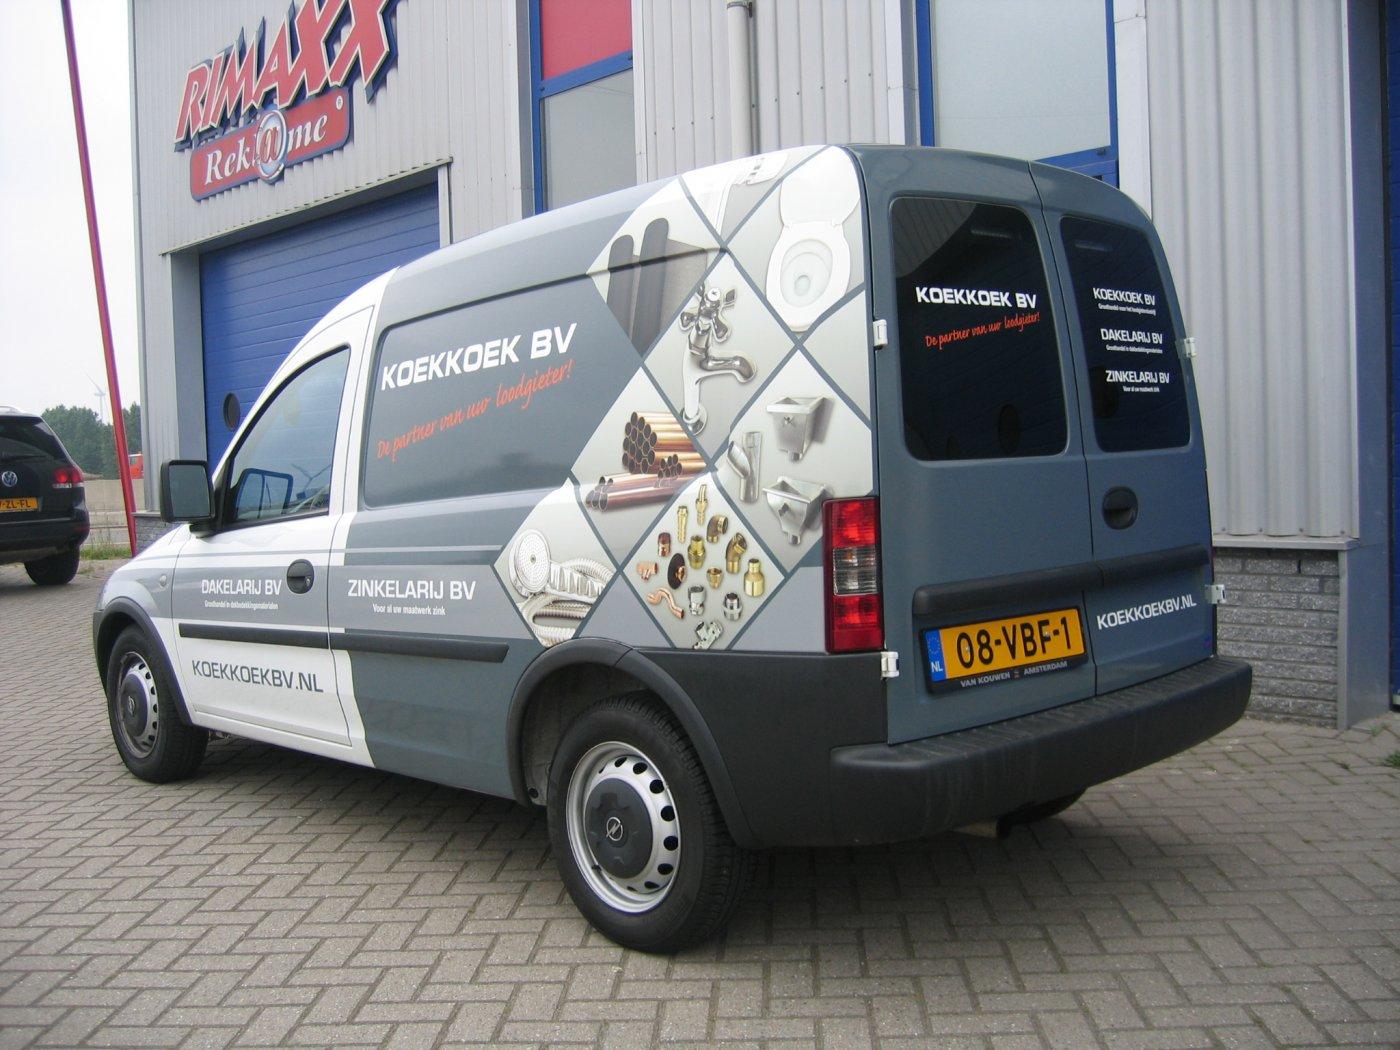 Koekkoek Montagewagen